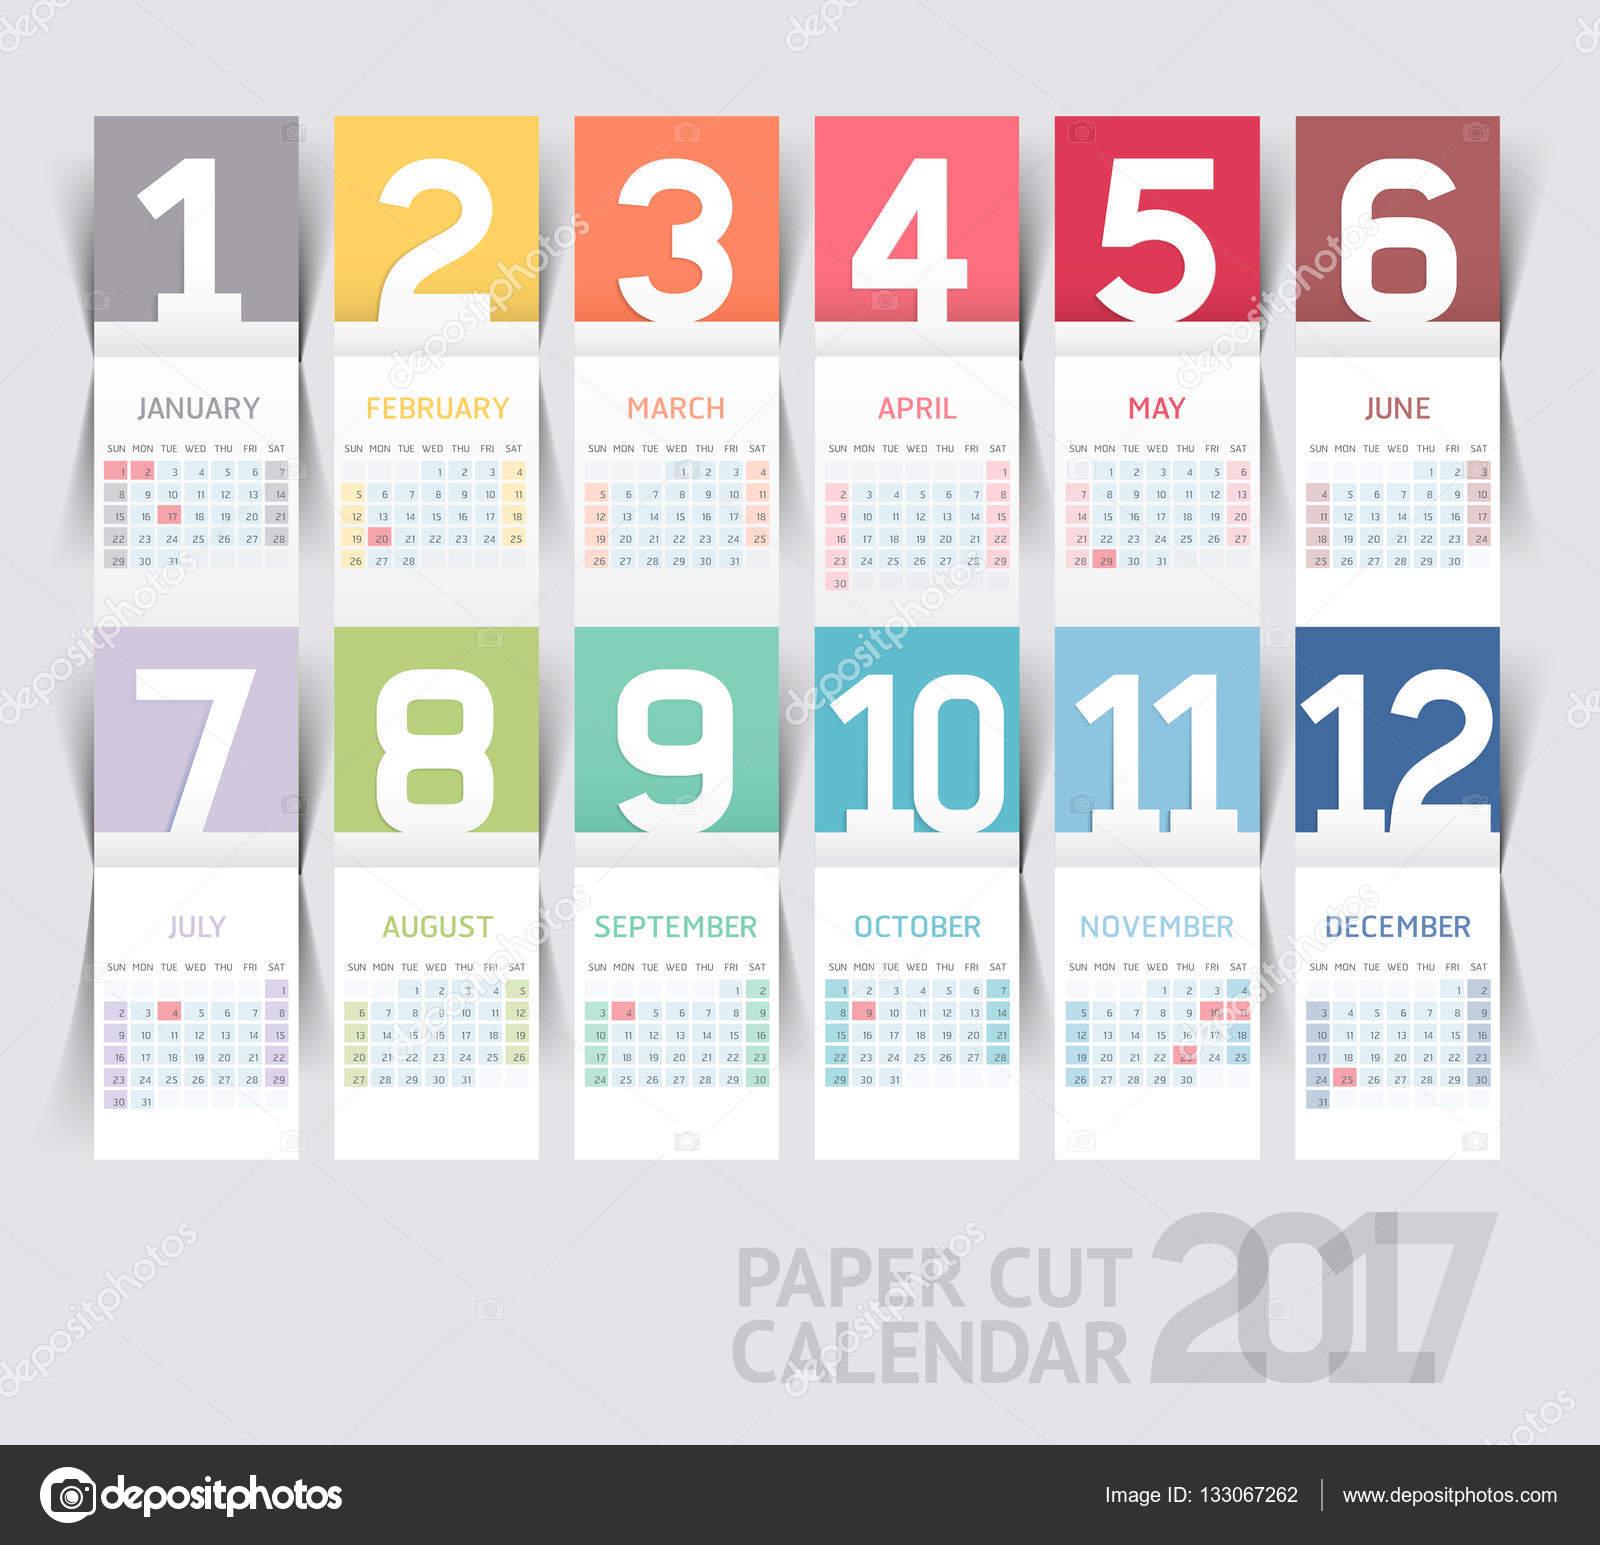 Calendario 2017 imprimir plantilla papel de diseño estilo plegable ...